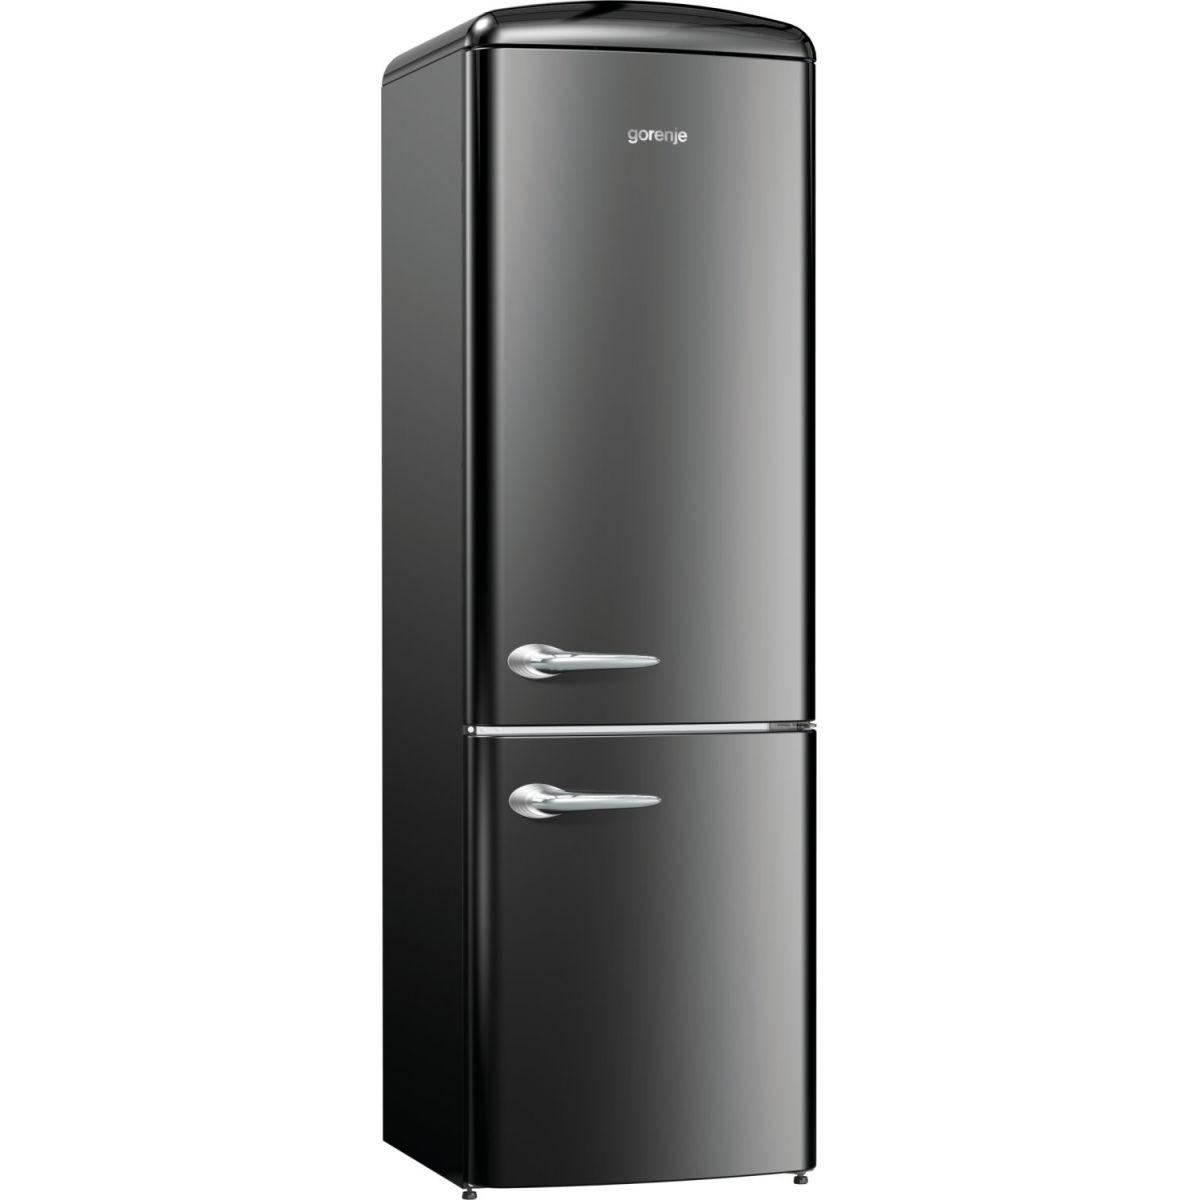 Refrigerador 334 L Instalação Livre Retro Collection ONRK192BK Gorenje ION Generation